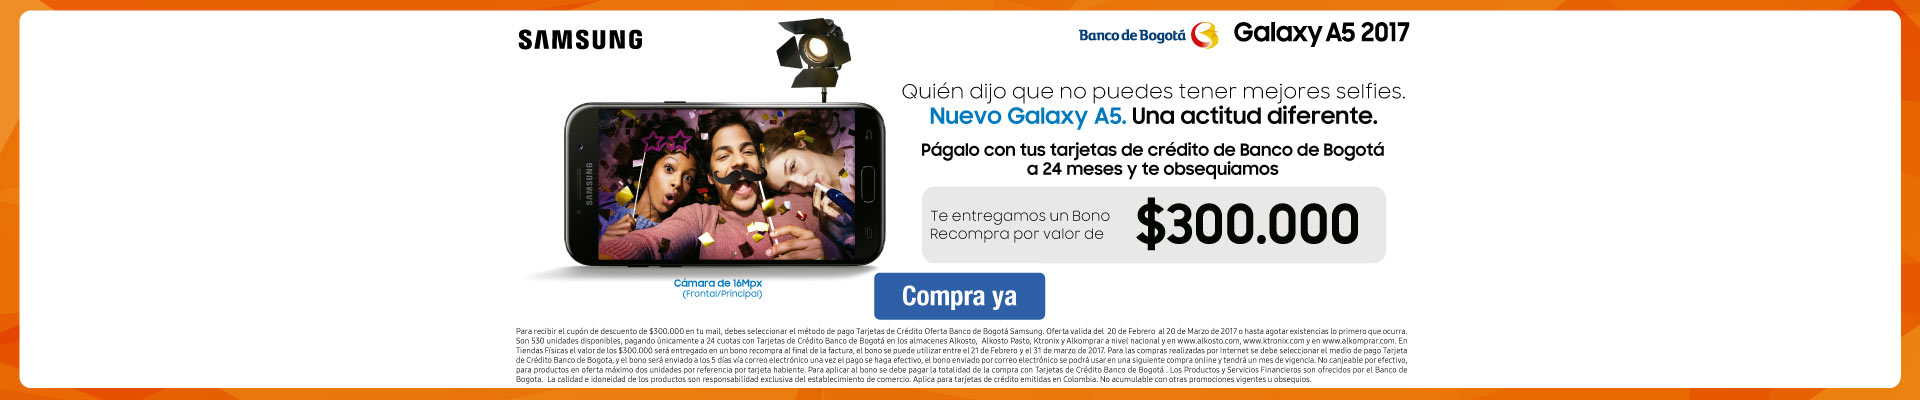 Pauta SAMSUNG - PPAL - Lanzamiento Samsung A5 con Banco de Bogotá - Febrero 20